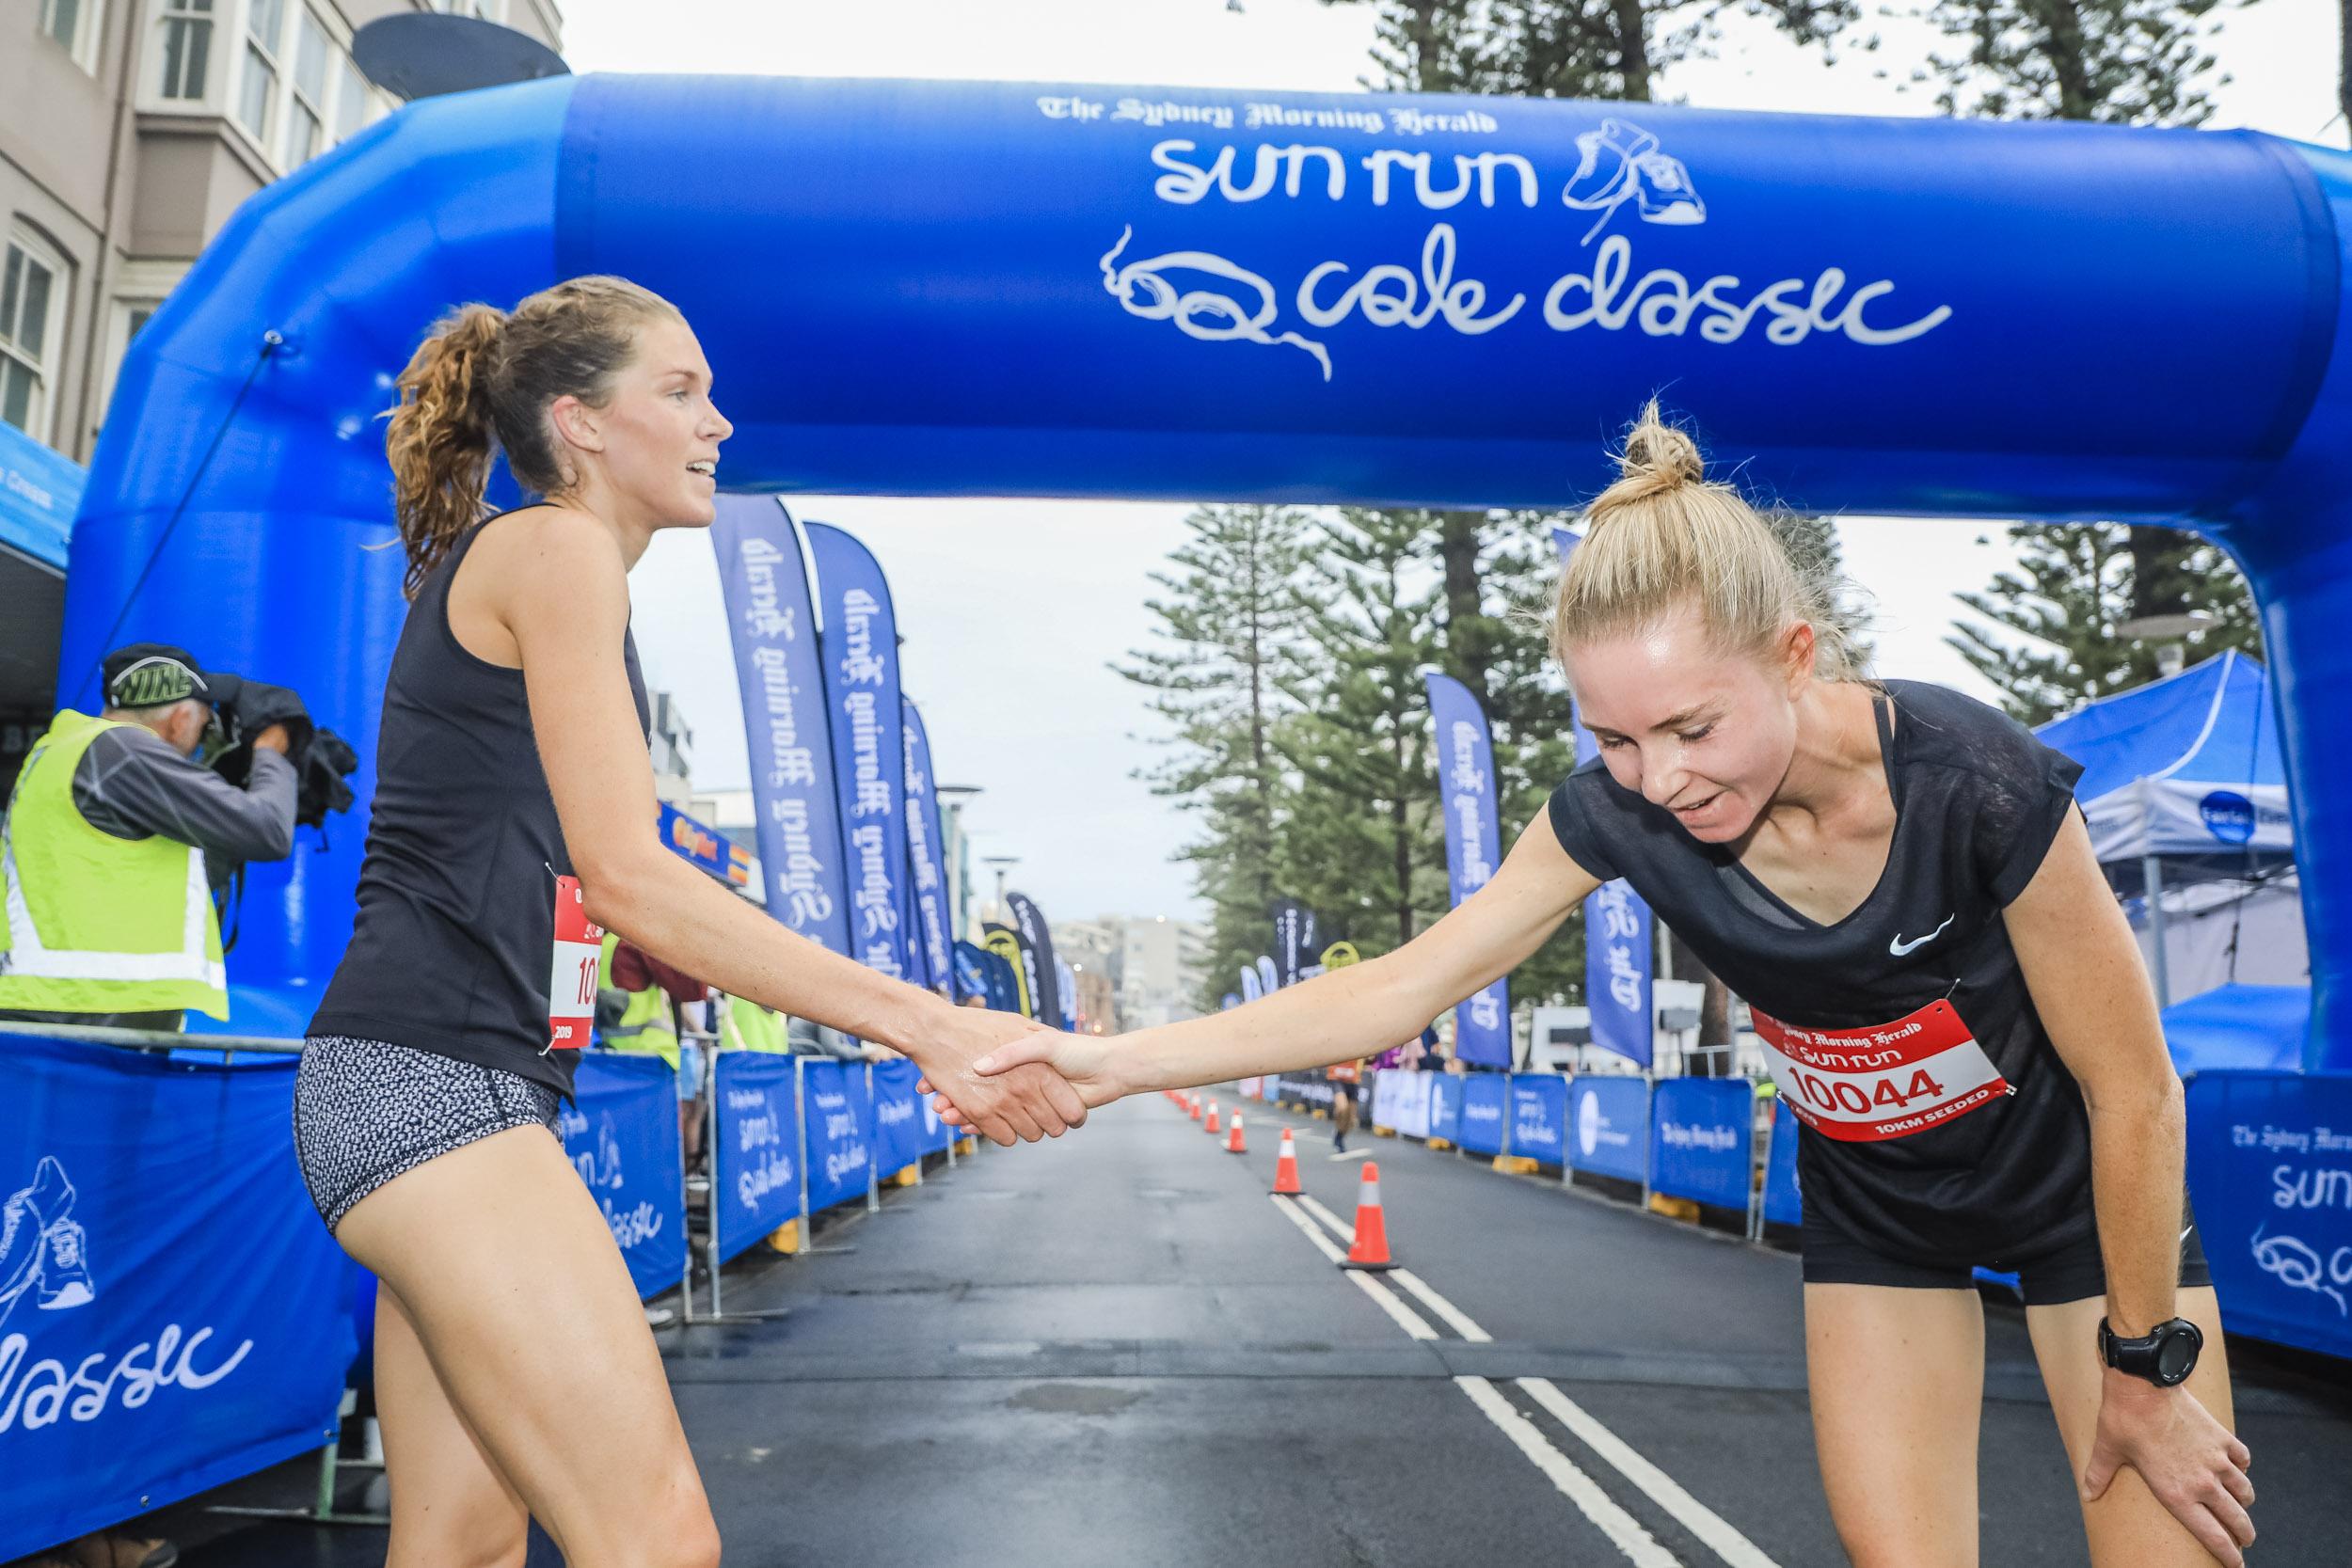 Sydney Morning Herald Sun Run © Salty Dingo 2019 CG-40194.jpg